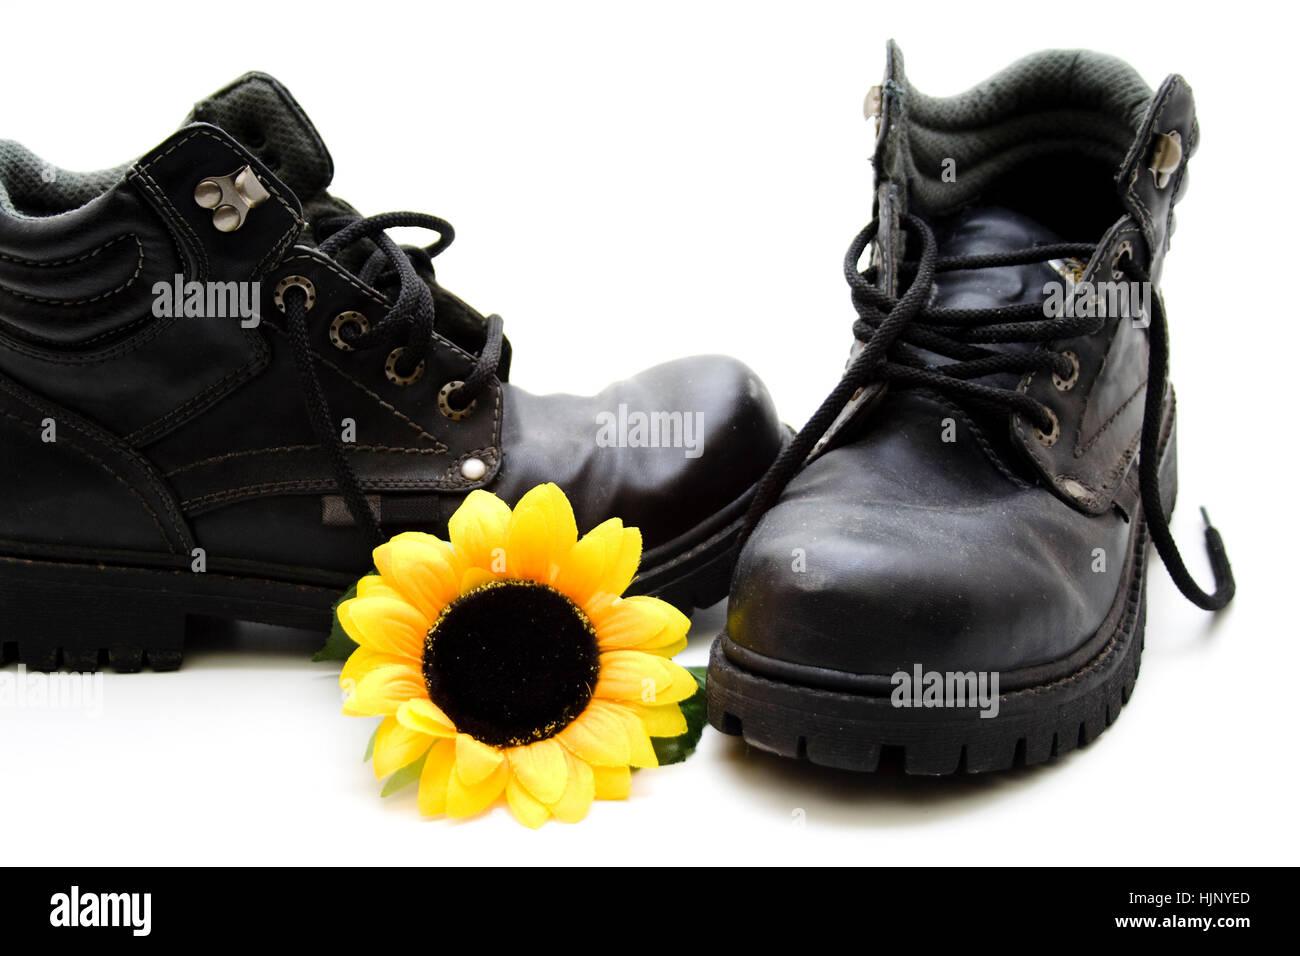 convenient sole - Stock Image